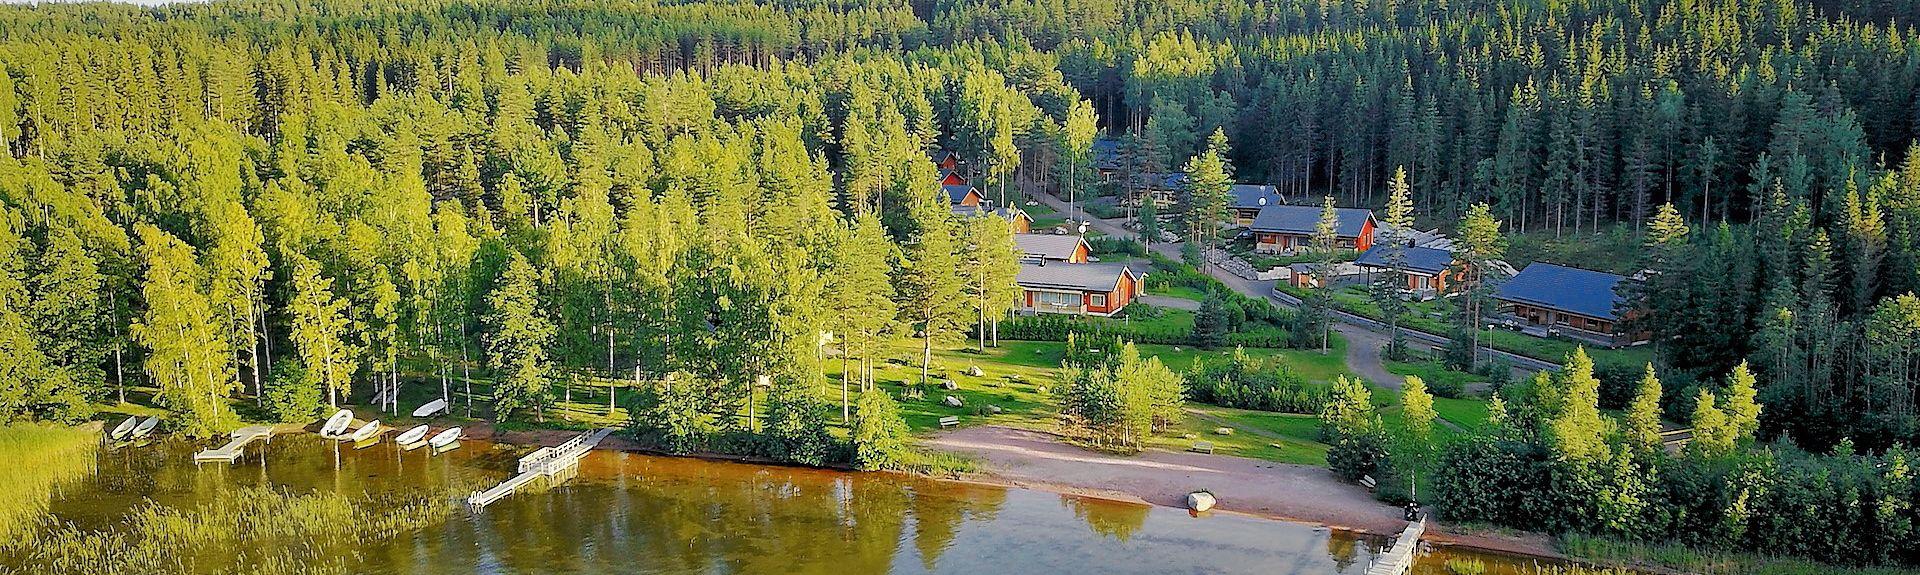 Kymenlaakso, Finland